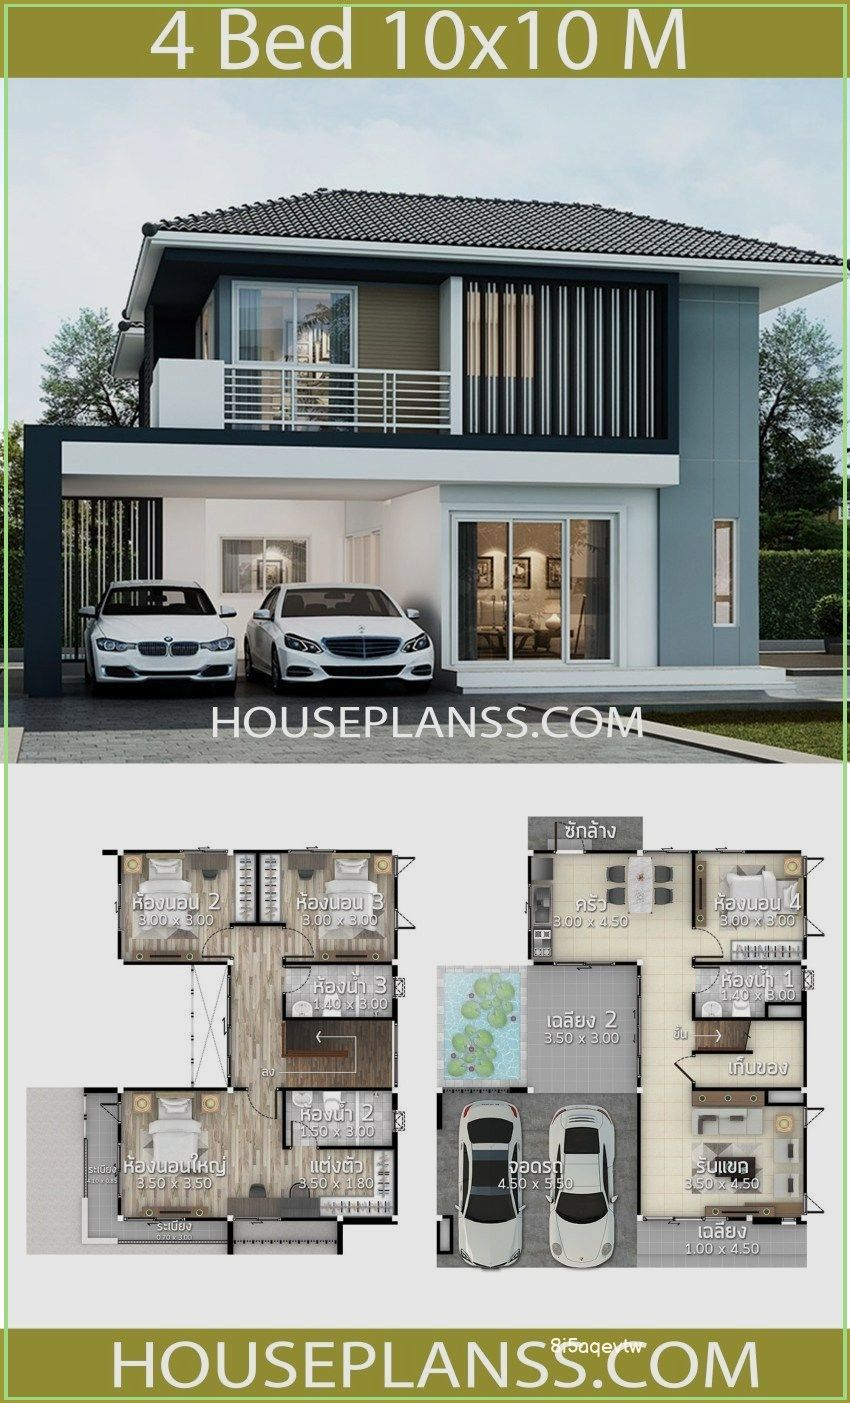 10x10 Bedroom Floor Plan: Summer Wreaths For Front Door, Spring Wreath, Wreath For